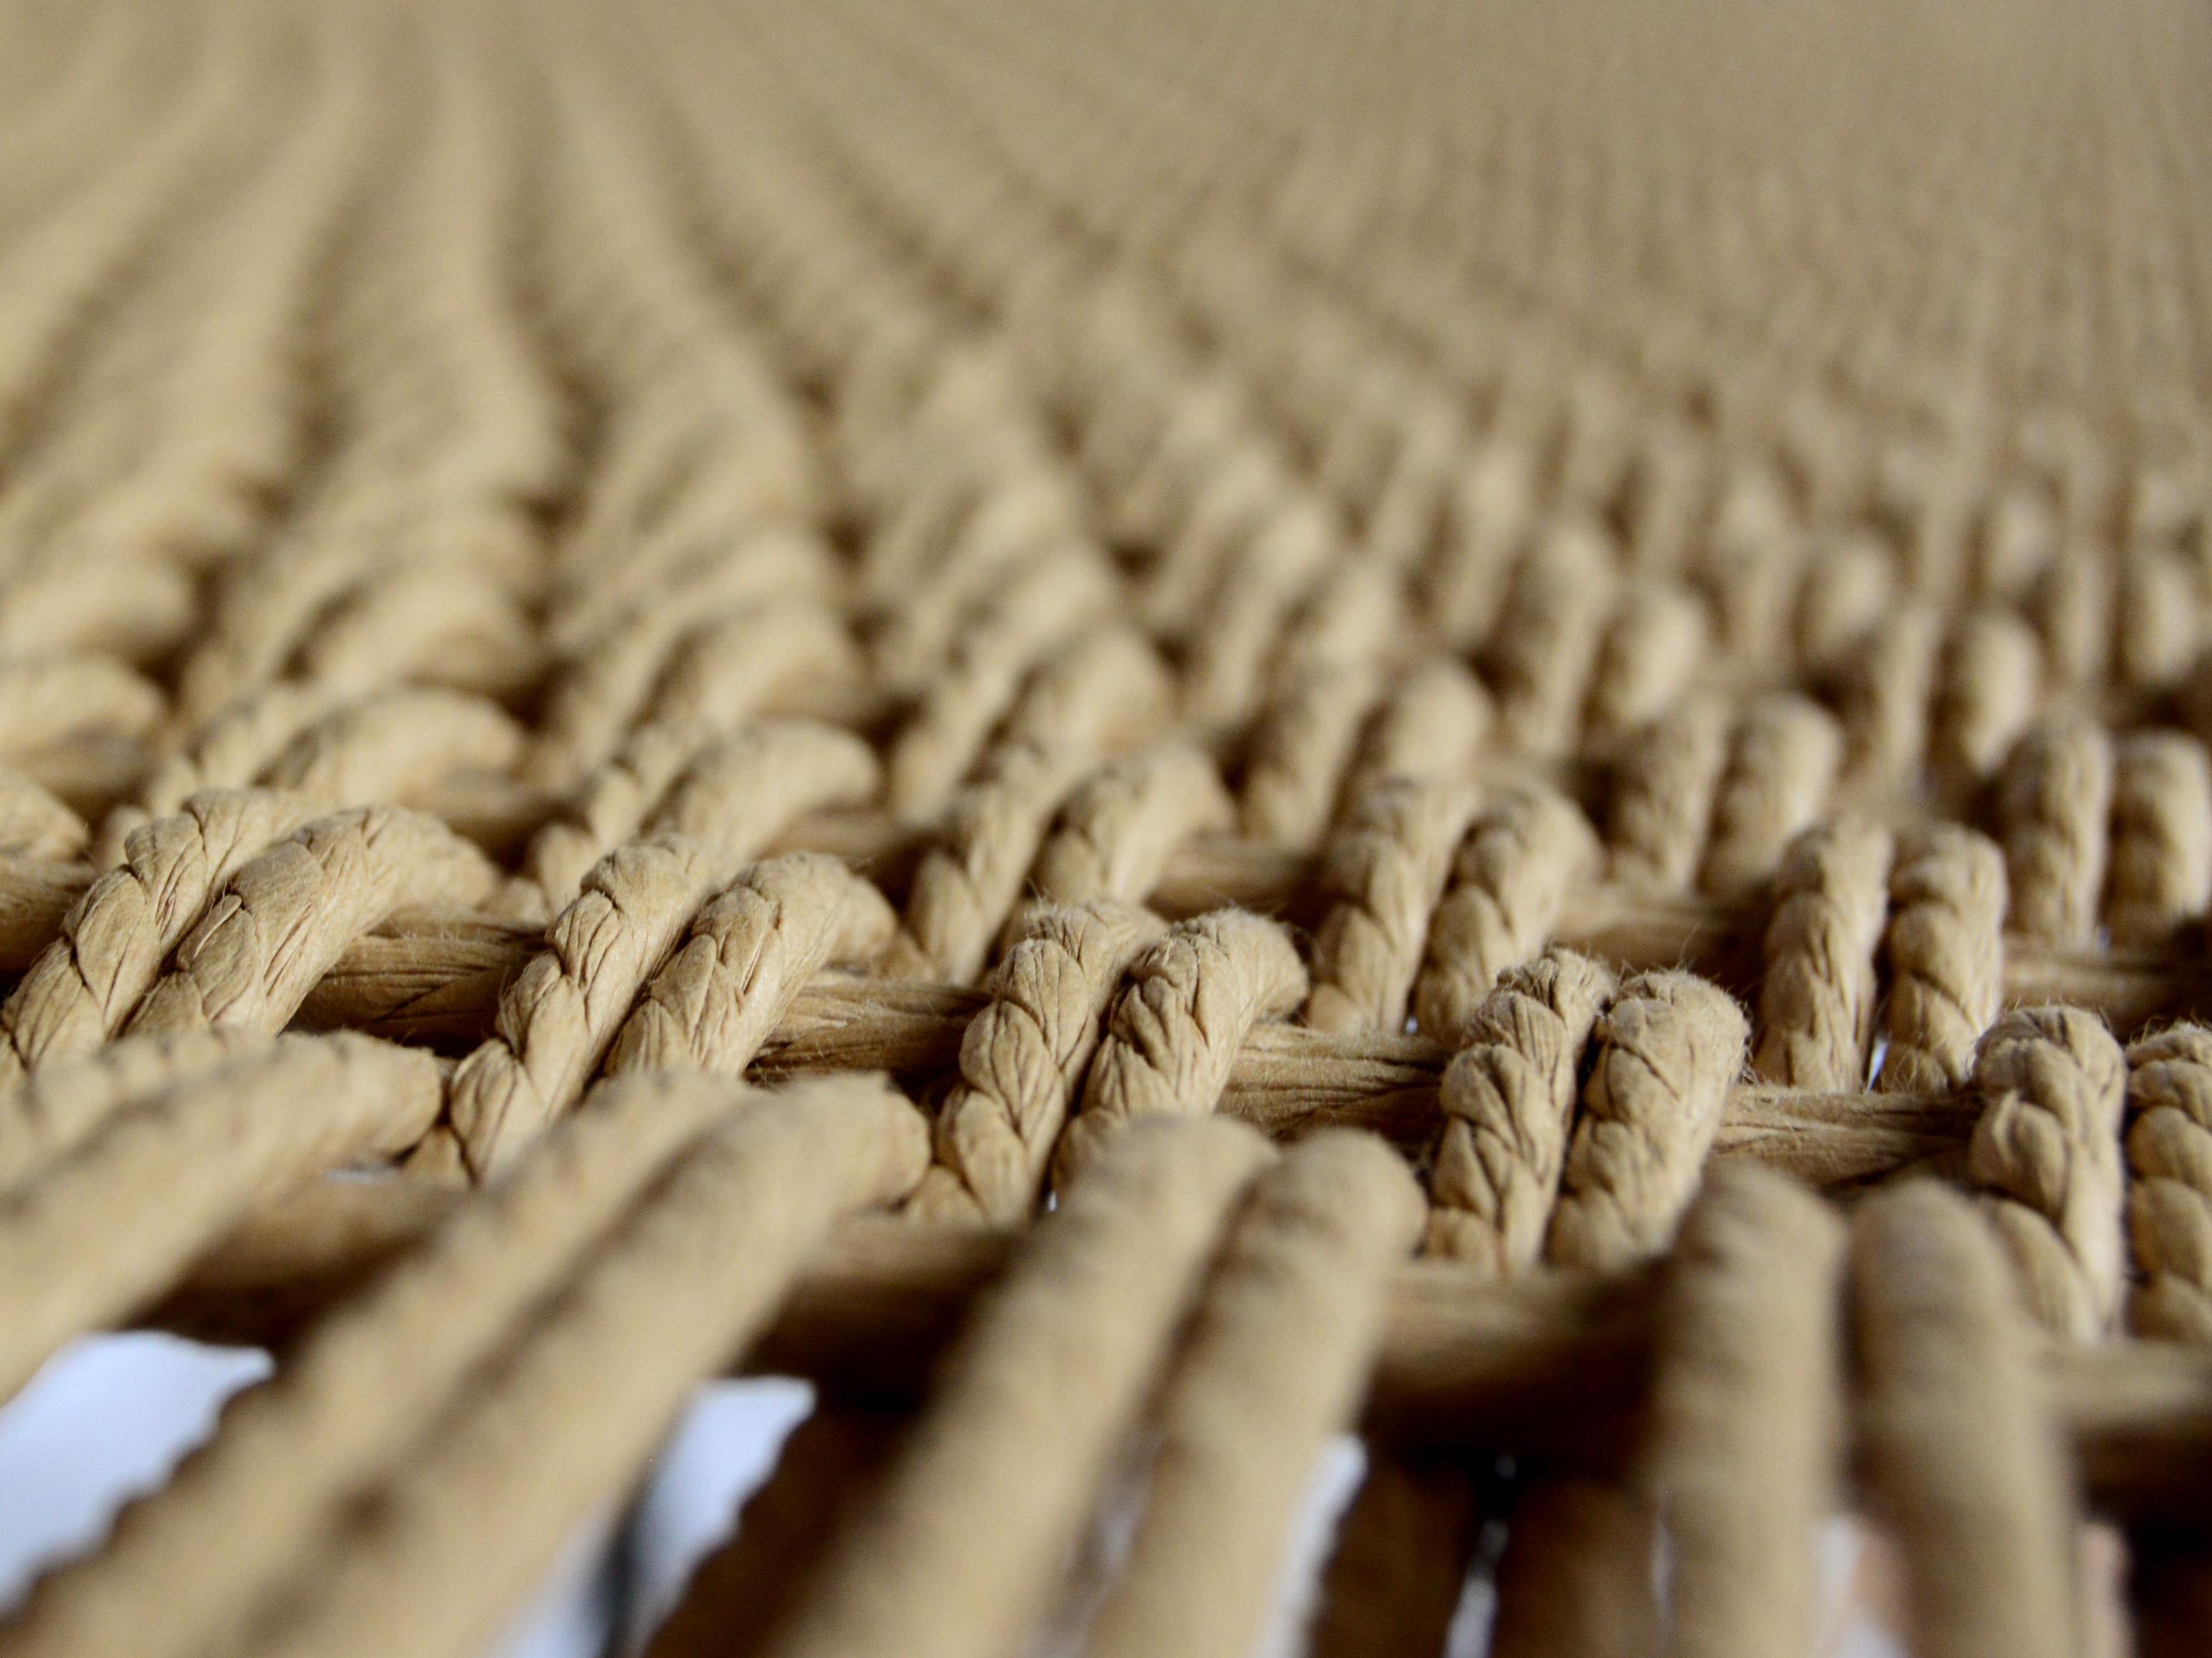 Nahaufnahme der Sitzfläche. Modernes Design und traditionelles Handwerk vereint in der Sitzbank